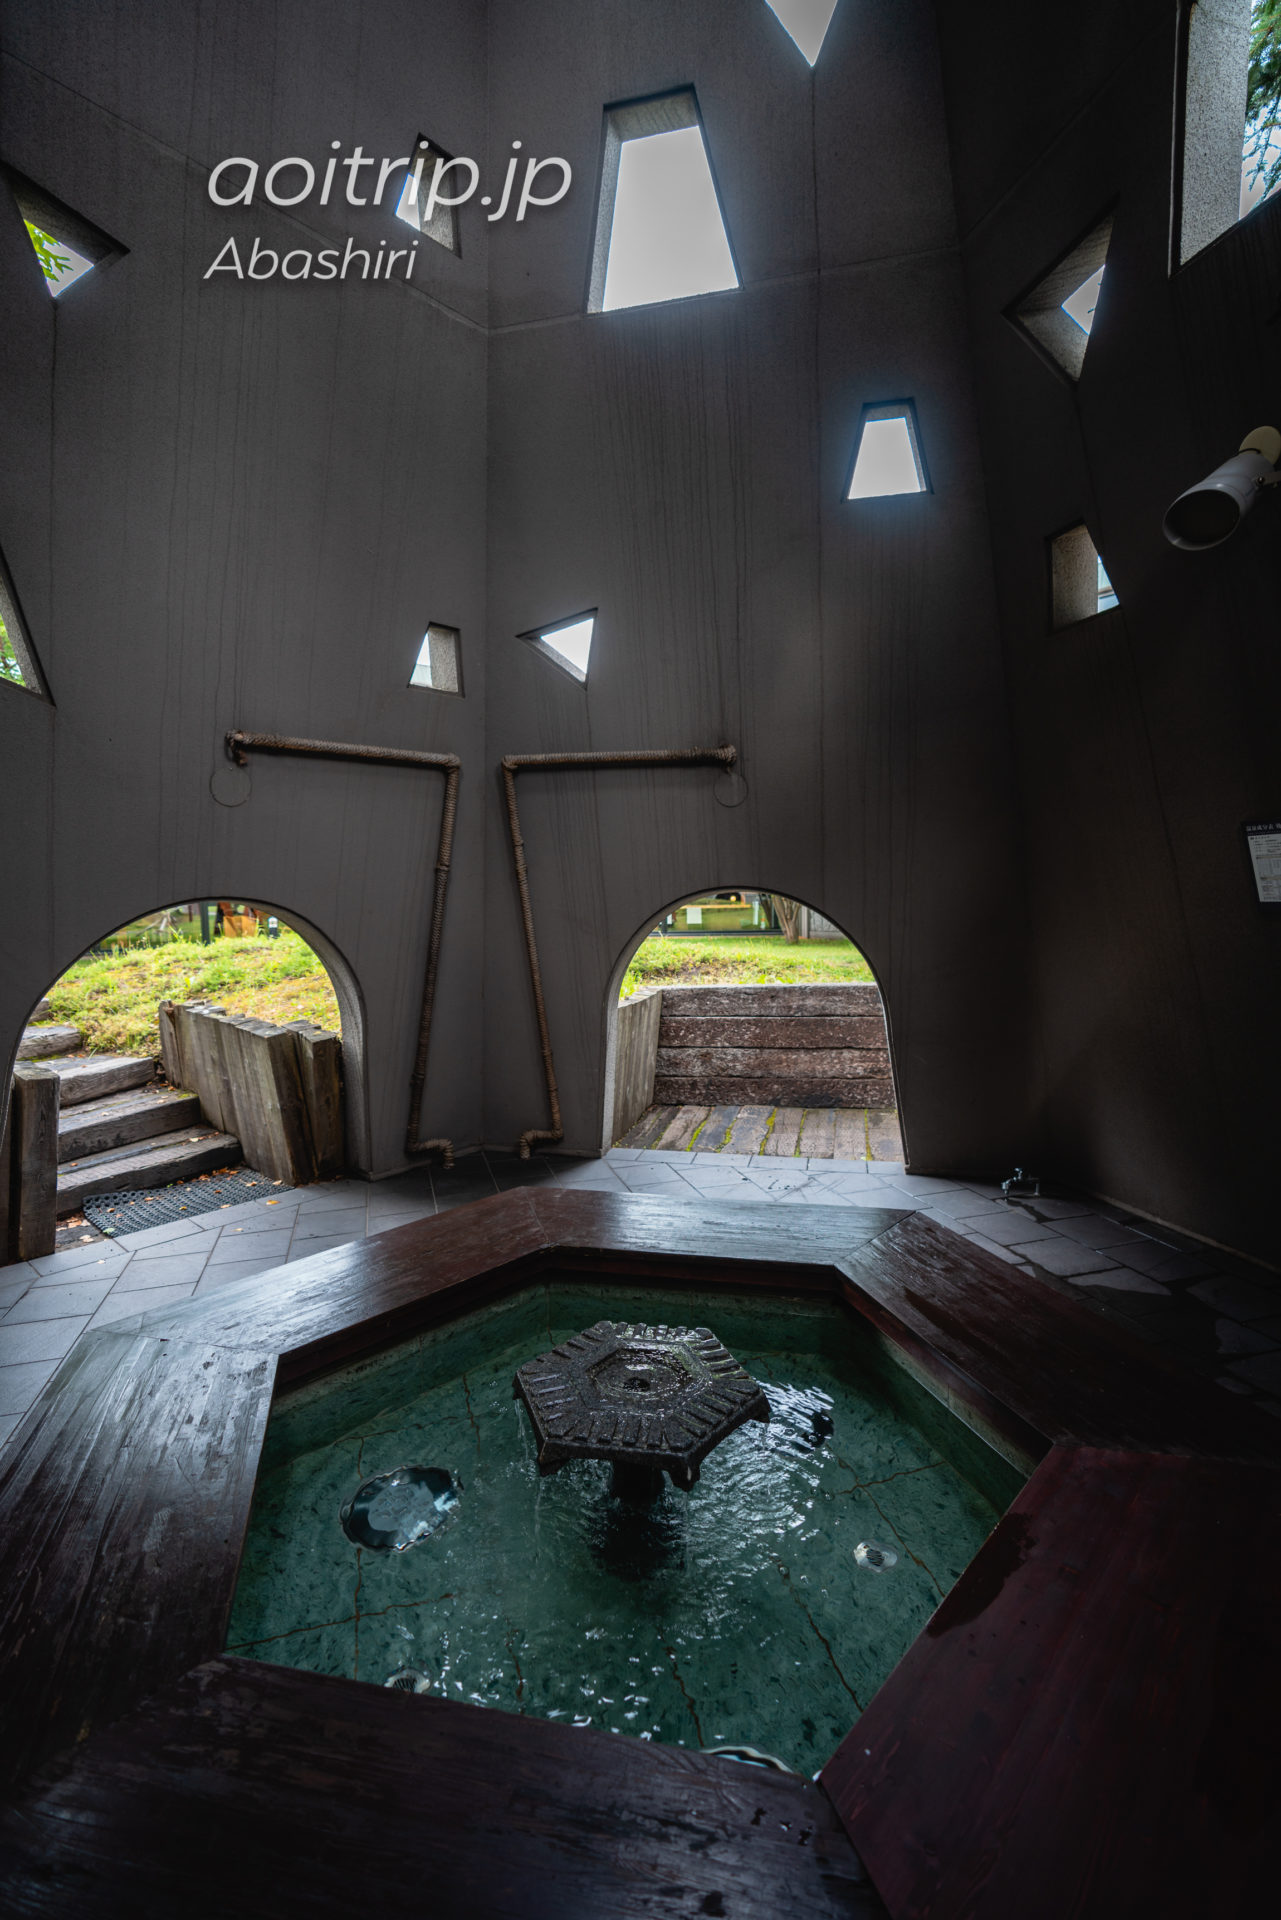 北天の丘あばしり湖鶴雅リゾート 宿泊記|Hokuten no Oka Lake Abashiri Tsuruga Resort 火焔の塔(足湯)